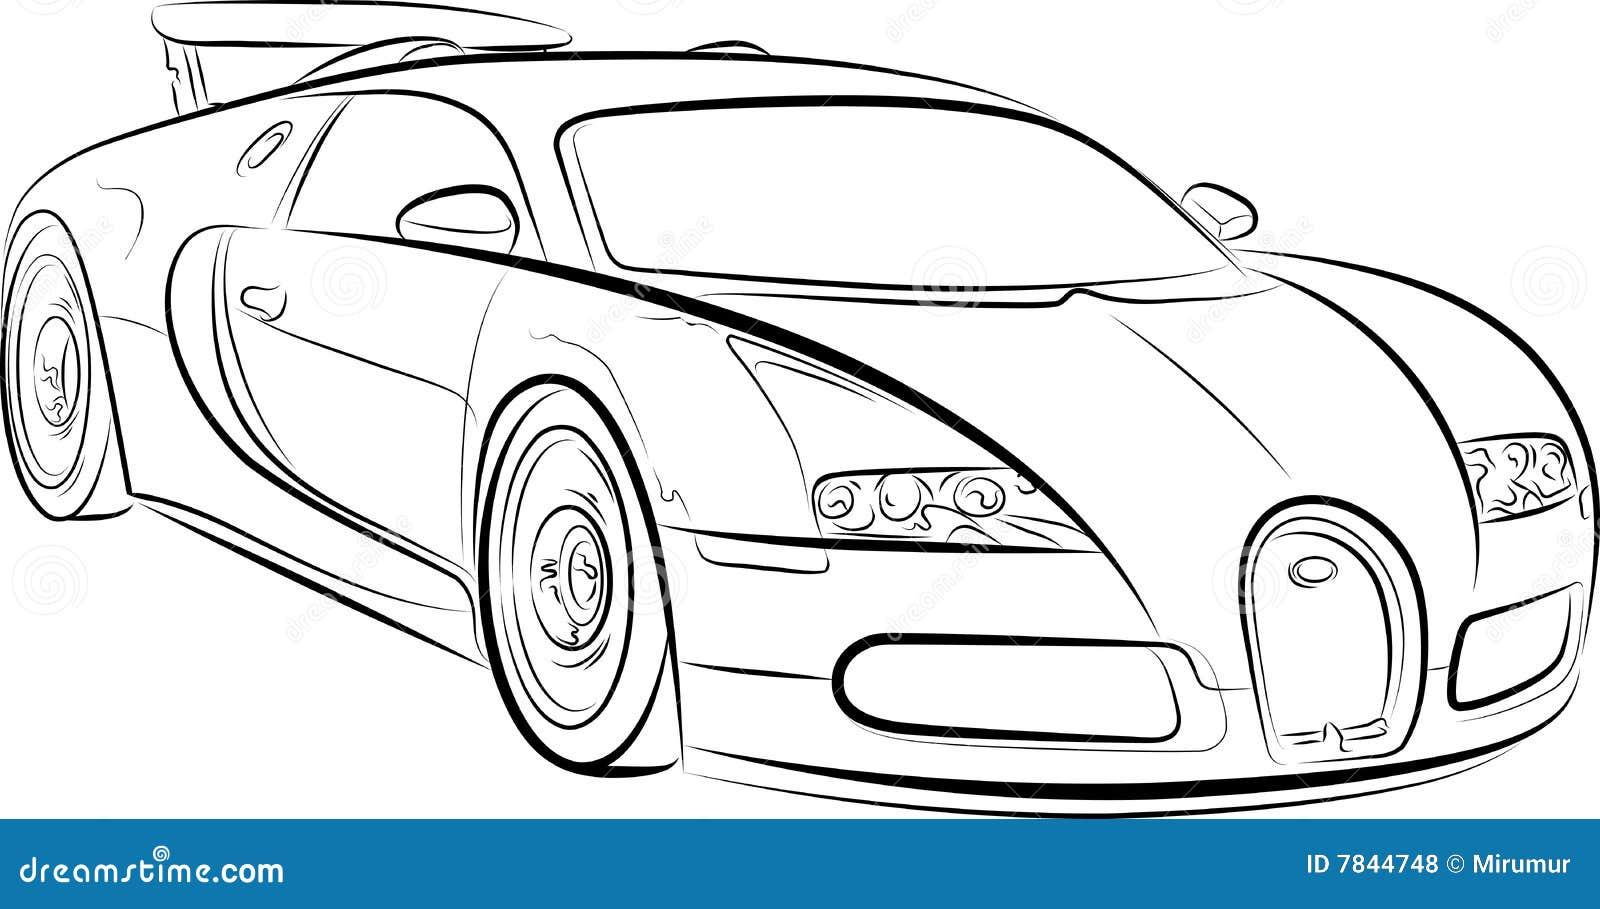 Kleurplaten Van Een Raceauto.Kleurplaten Rees Auto Brekelmansadviesgroep